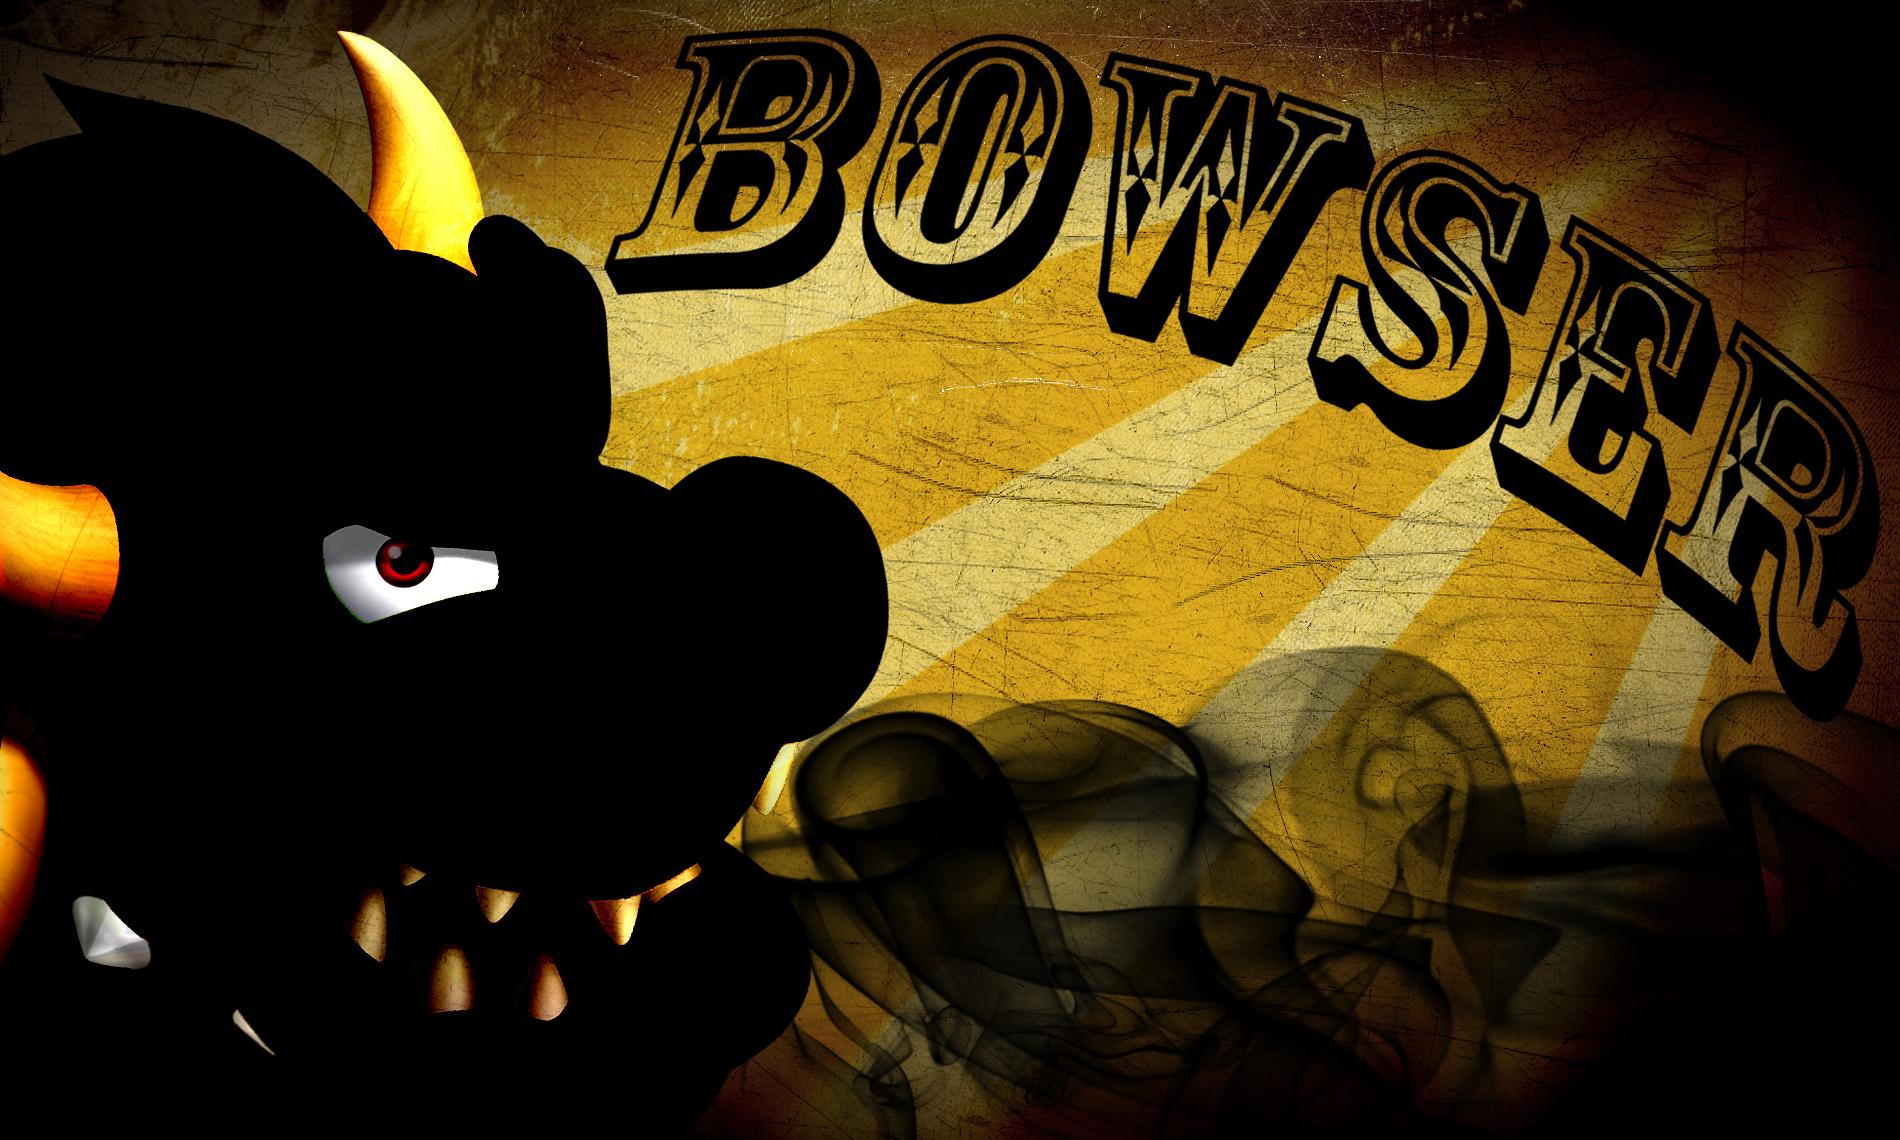 bowser wallpaper silhouette by hermesr0128 on deviantart